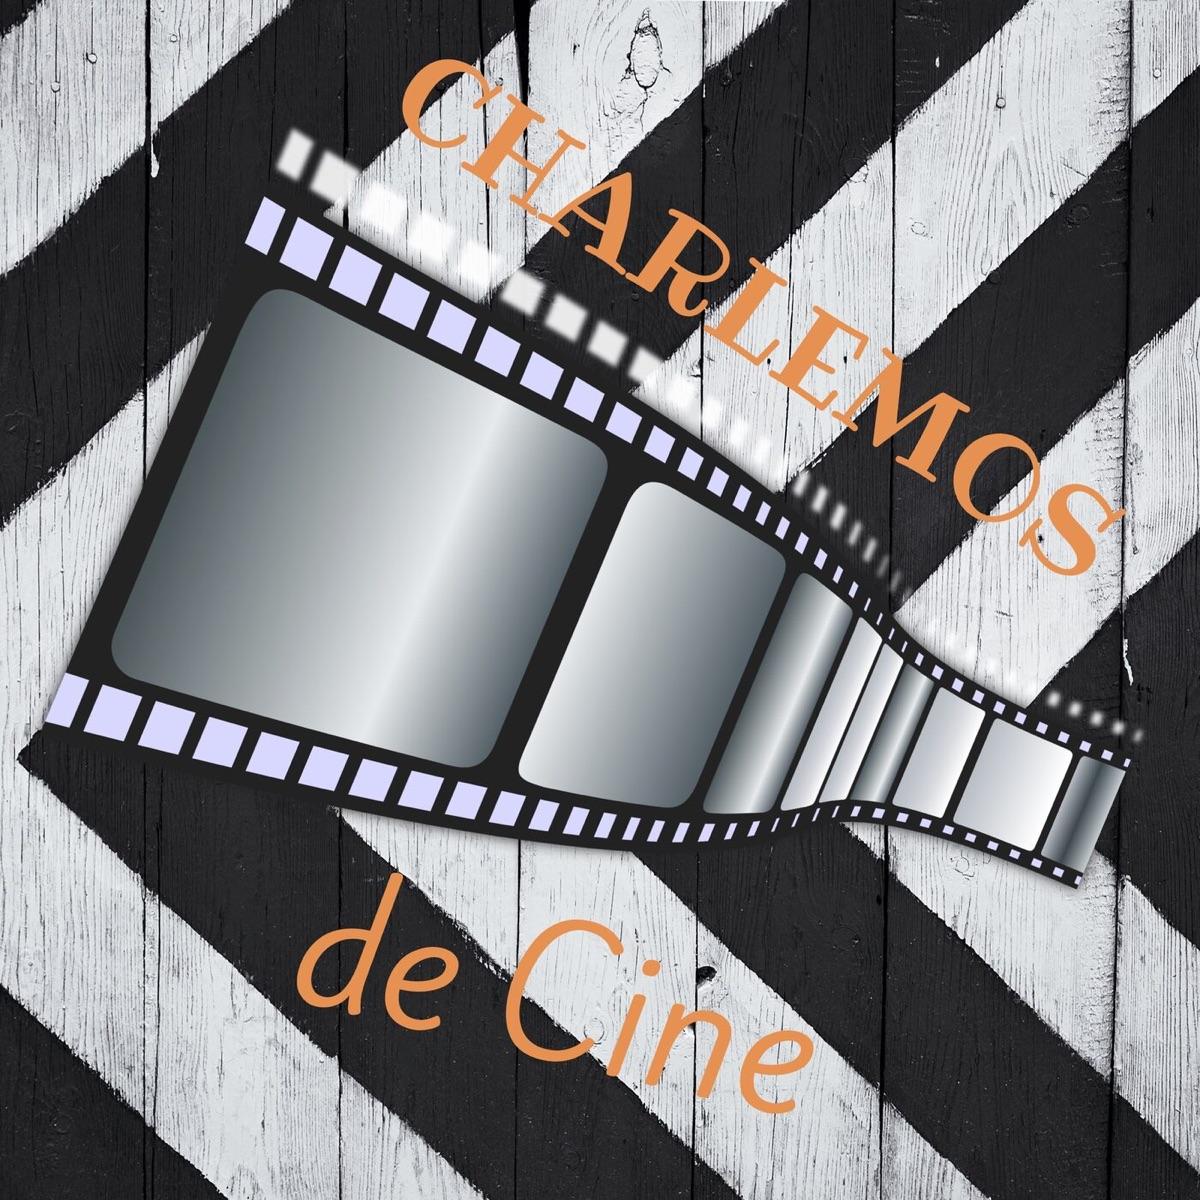 Charlemos de cine